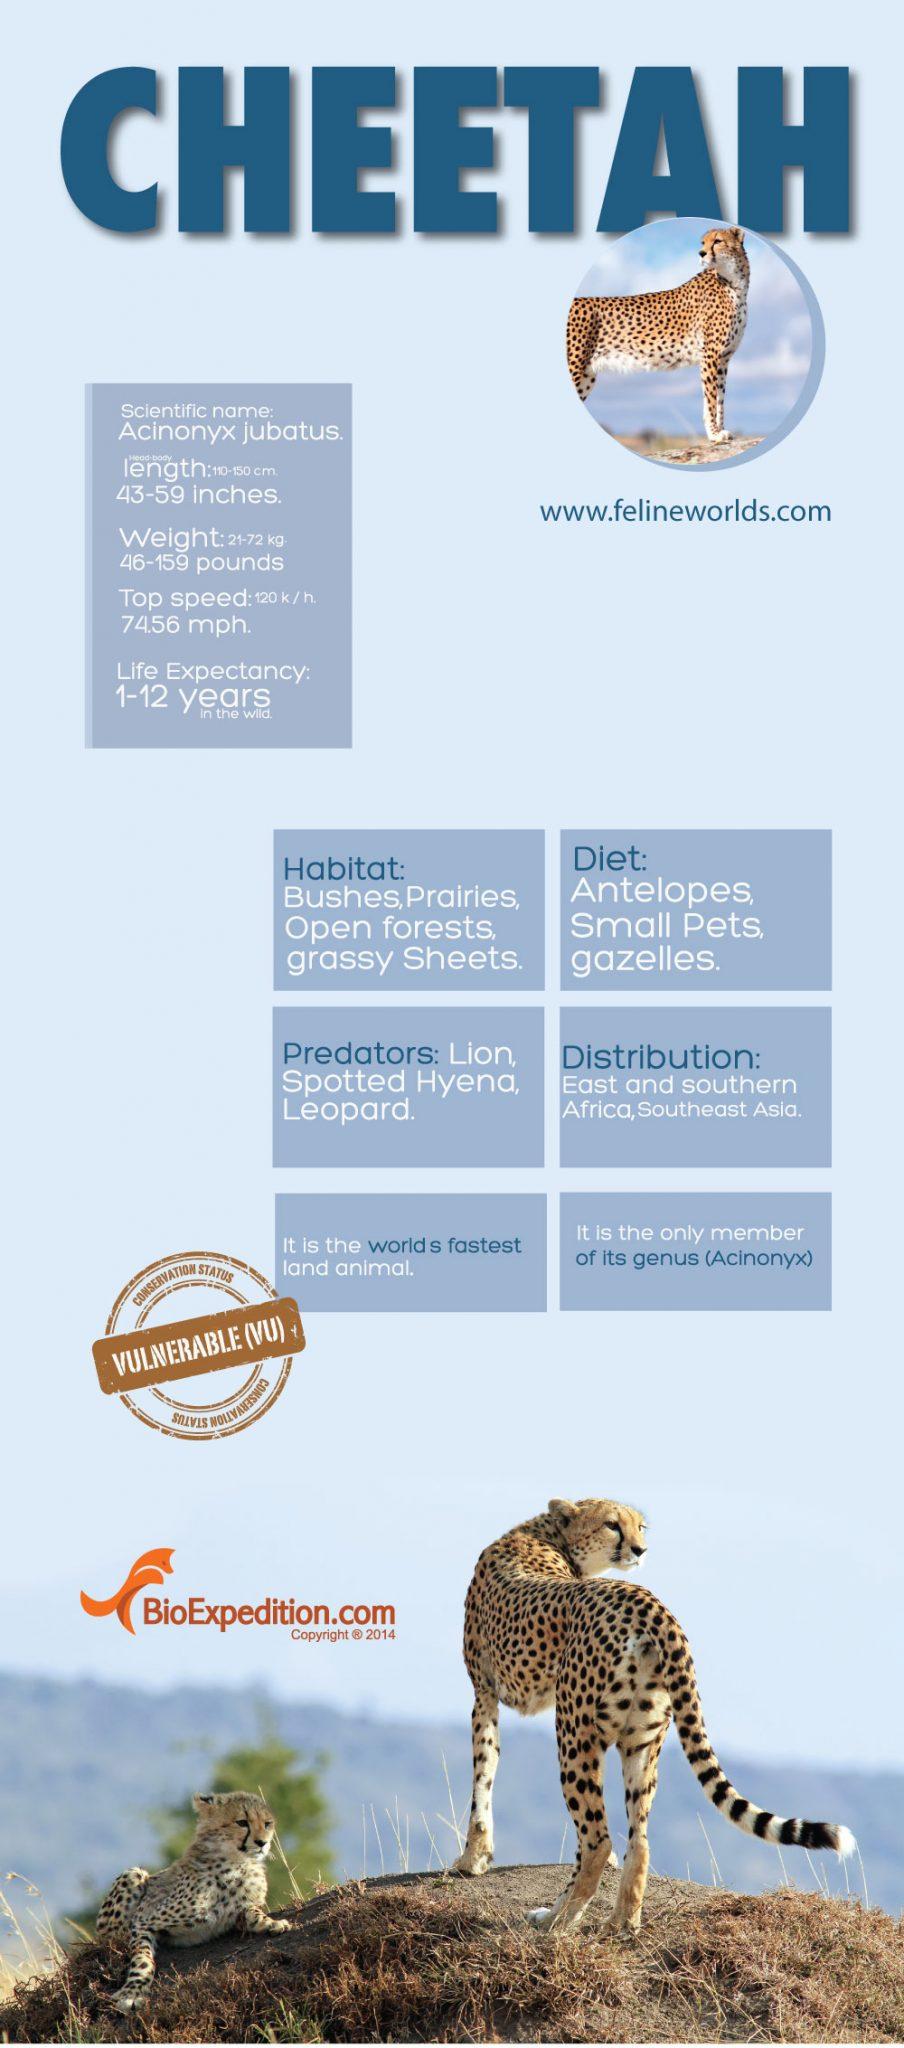 Cheetah_infographic